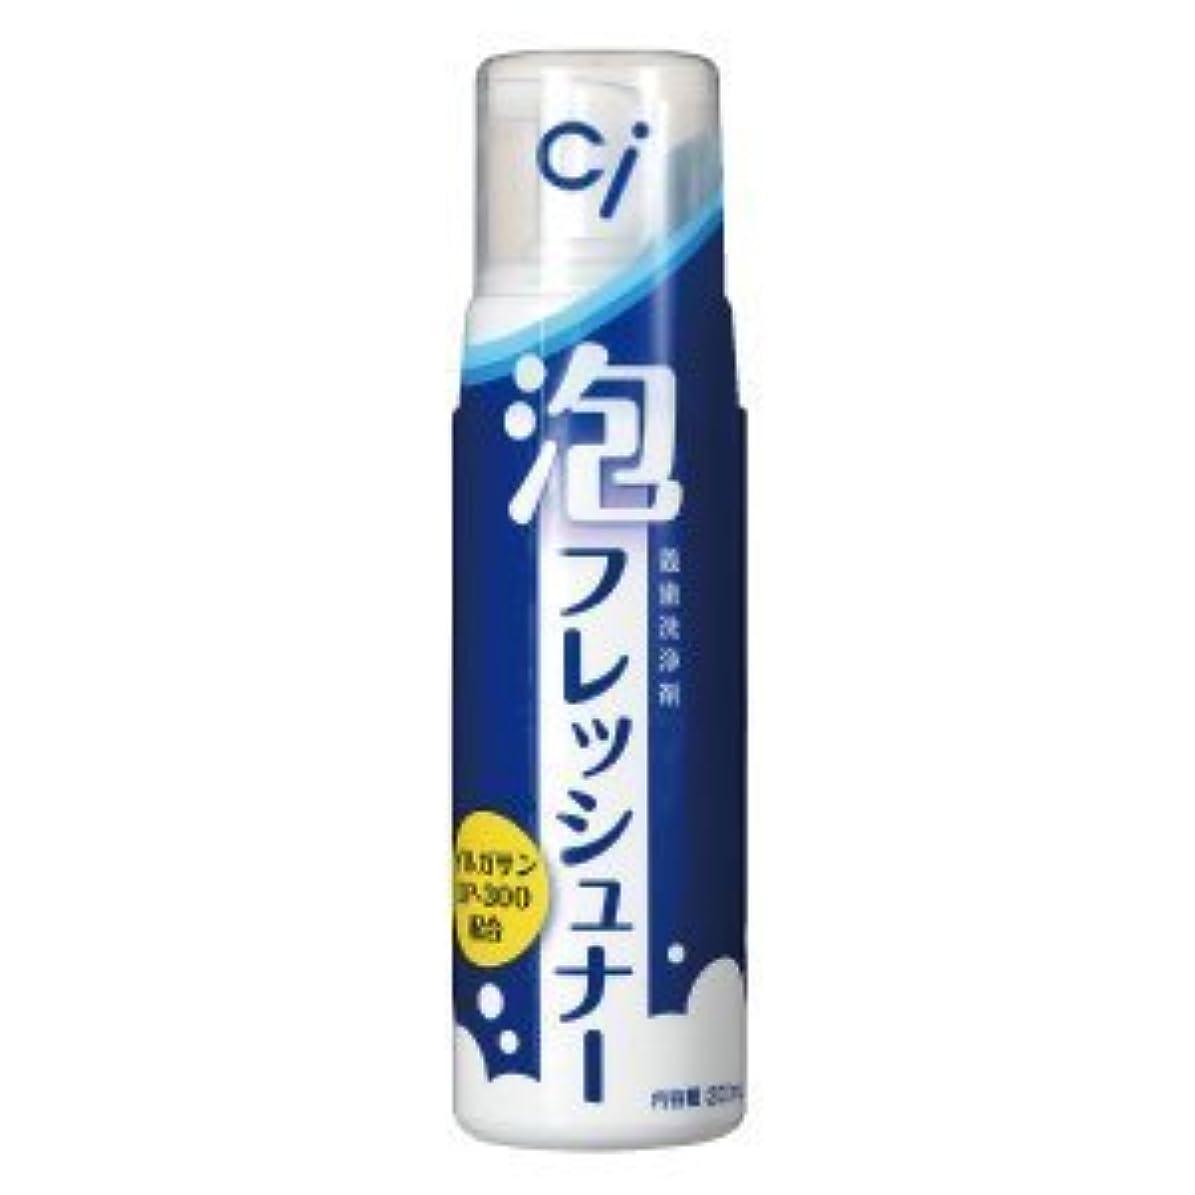 ジャズ強大な白雪姫Ci 泡フレッシュナー 義歯洗浄剤 1本(200ml)